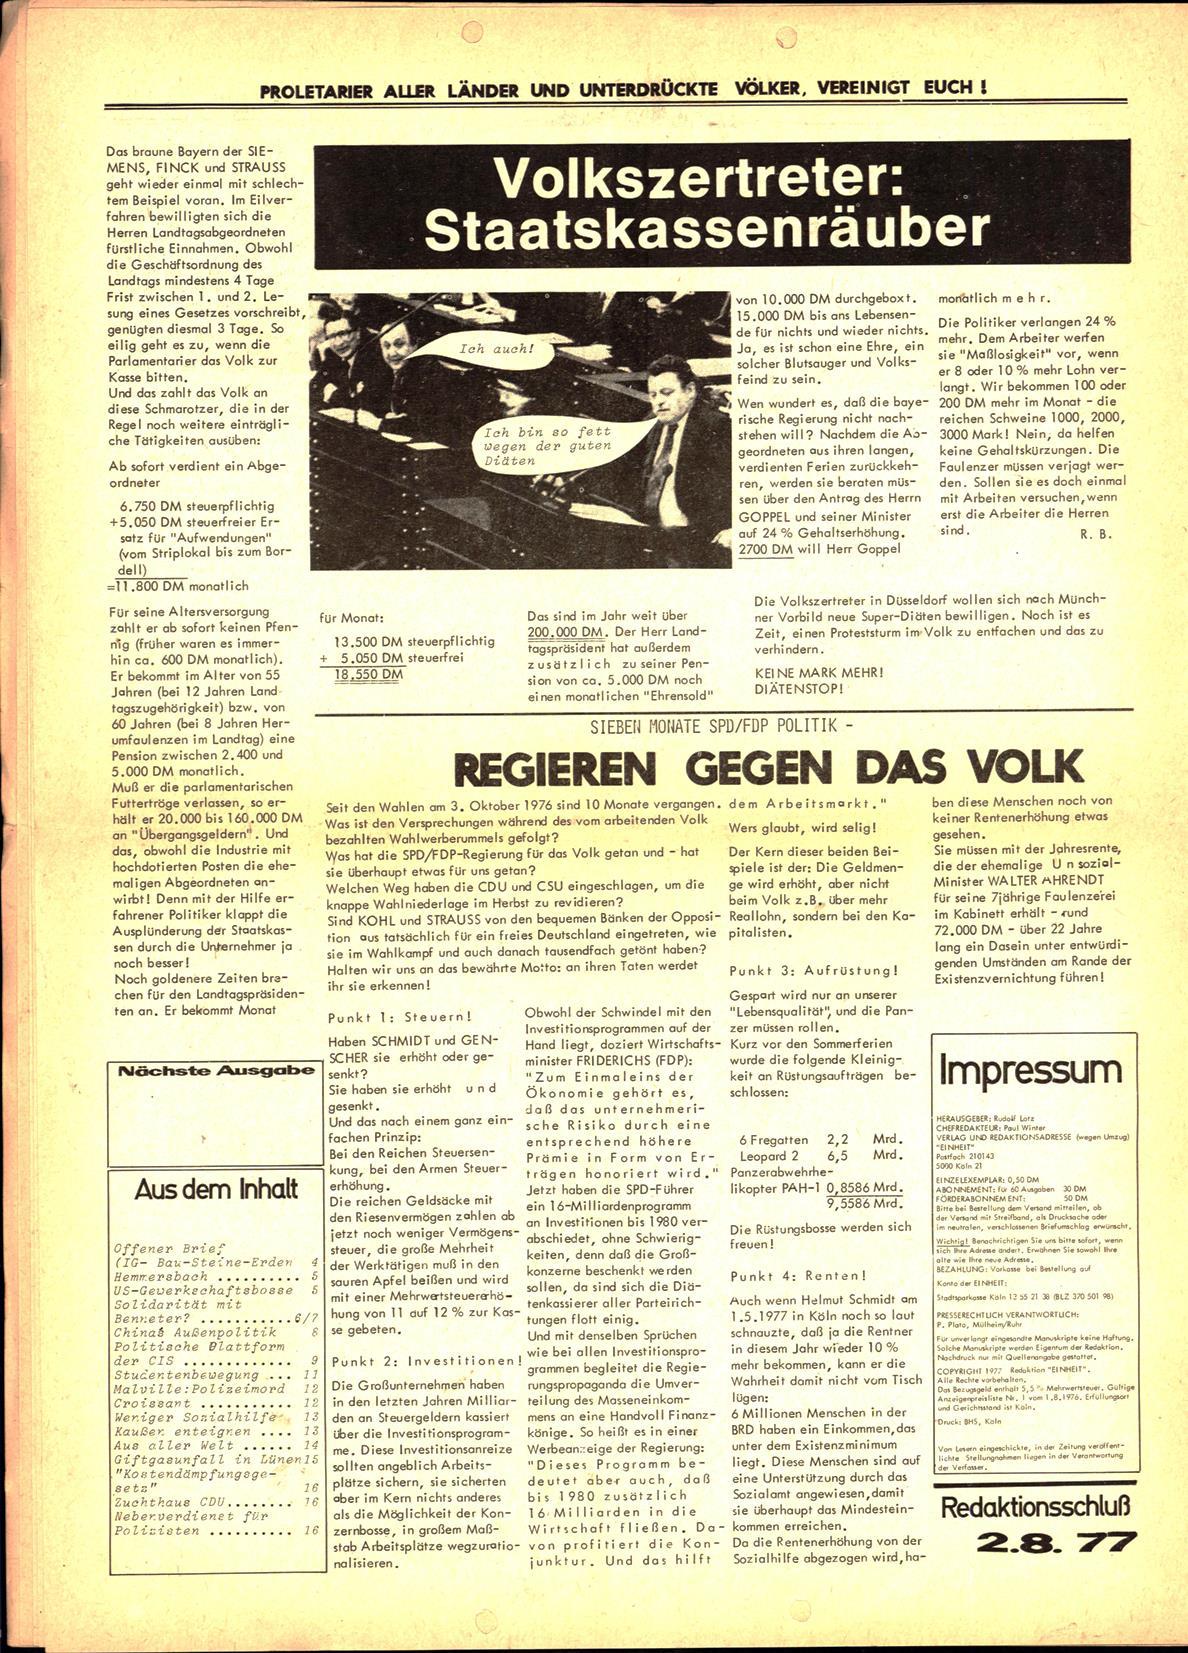 Koeln_IPdA_Einheit_1977_017_002